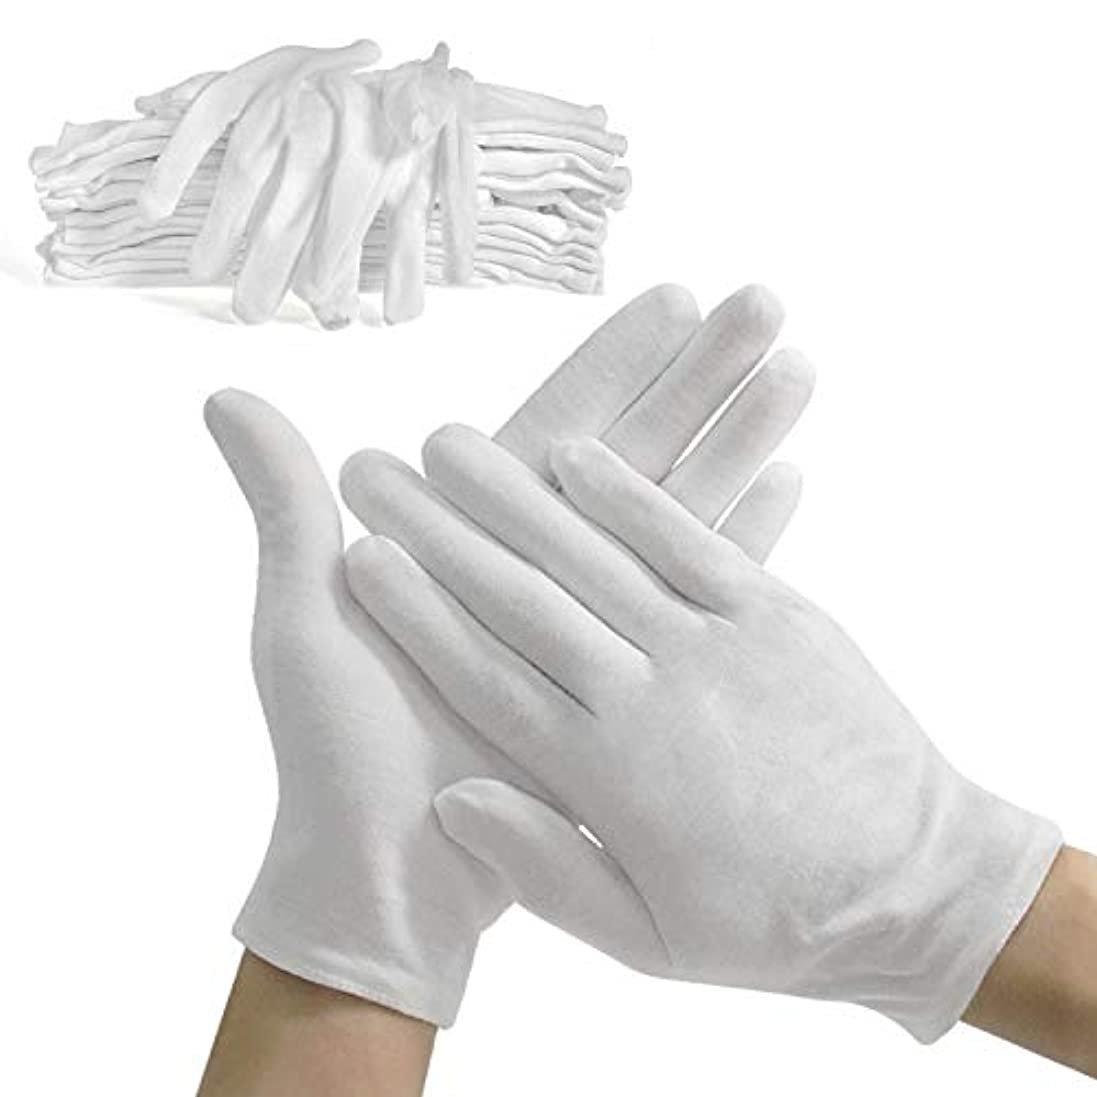 アプローチオリエンタル使い捨て 手袋 コットン手袋 綿手袋 手荒れ 純綿100% 使い捨て 白手袋 薄手 お休み 湿疹 乾燥肌 保湿 礼装用 メンズ 手袋 レディース (XL,梱包数量100組(200)) (XL,梱包数量100組(200))